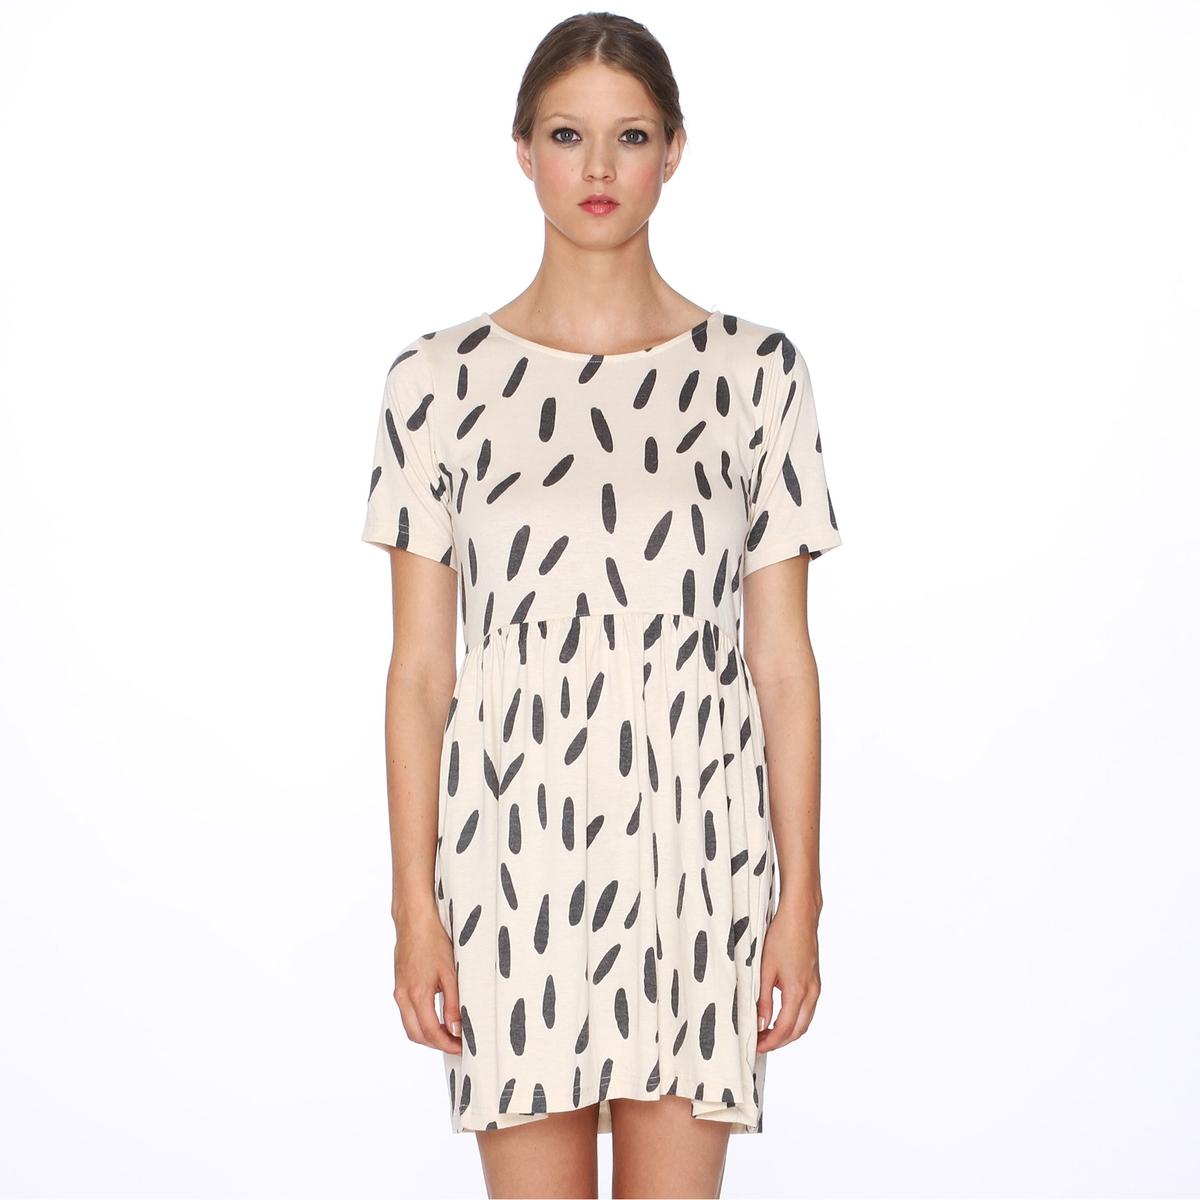 Платье с короткими рукавами, с рисунком PEPALOVES, Dress Black RiceПлатье с короткими рукавами Dress Black Rice от PEPALOVES. Прямой покрой. Пояс с эффектом складок. Оригинальный сплошной рисунок. Круглый вырез. Молния сзади.Состав и описание :Материал : 60% полиэстера, 35% рэйона, 5% эластанаМарка : PEPALOVES<br><br>Цвет: принт/бежевый<br>Размер: S